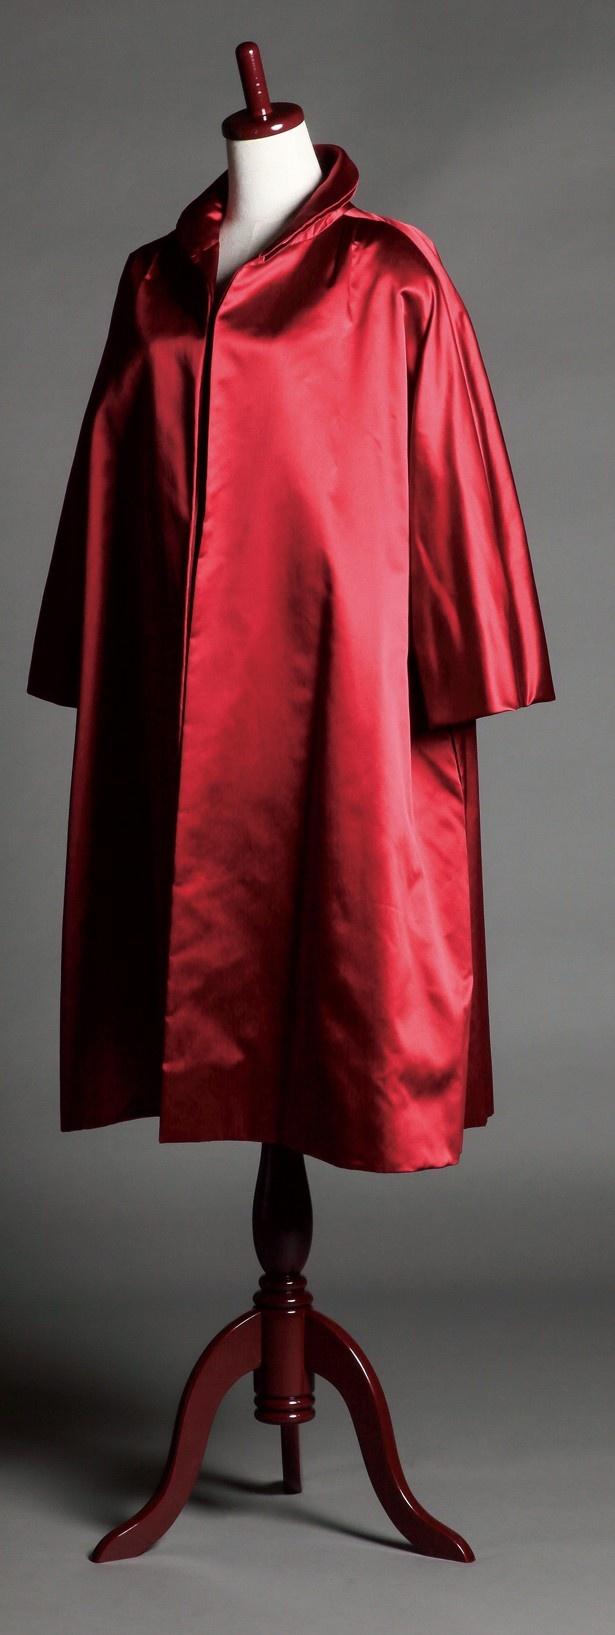 グレース・ケリーが愛用した「Dior」のサテンコート